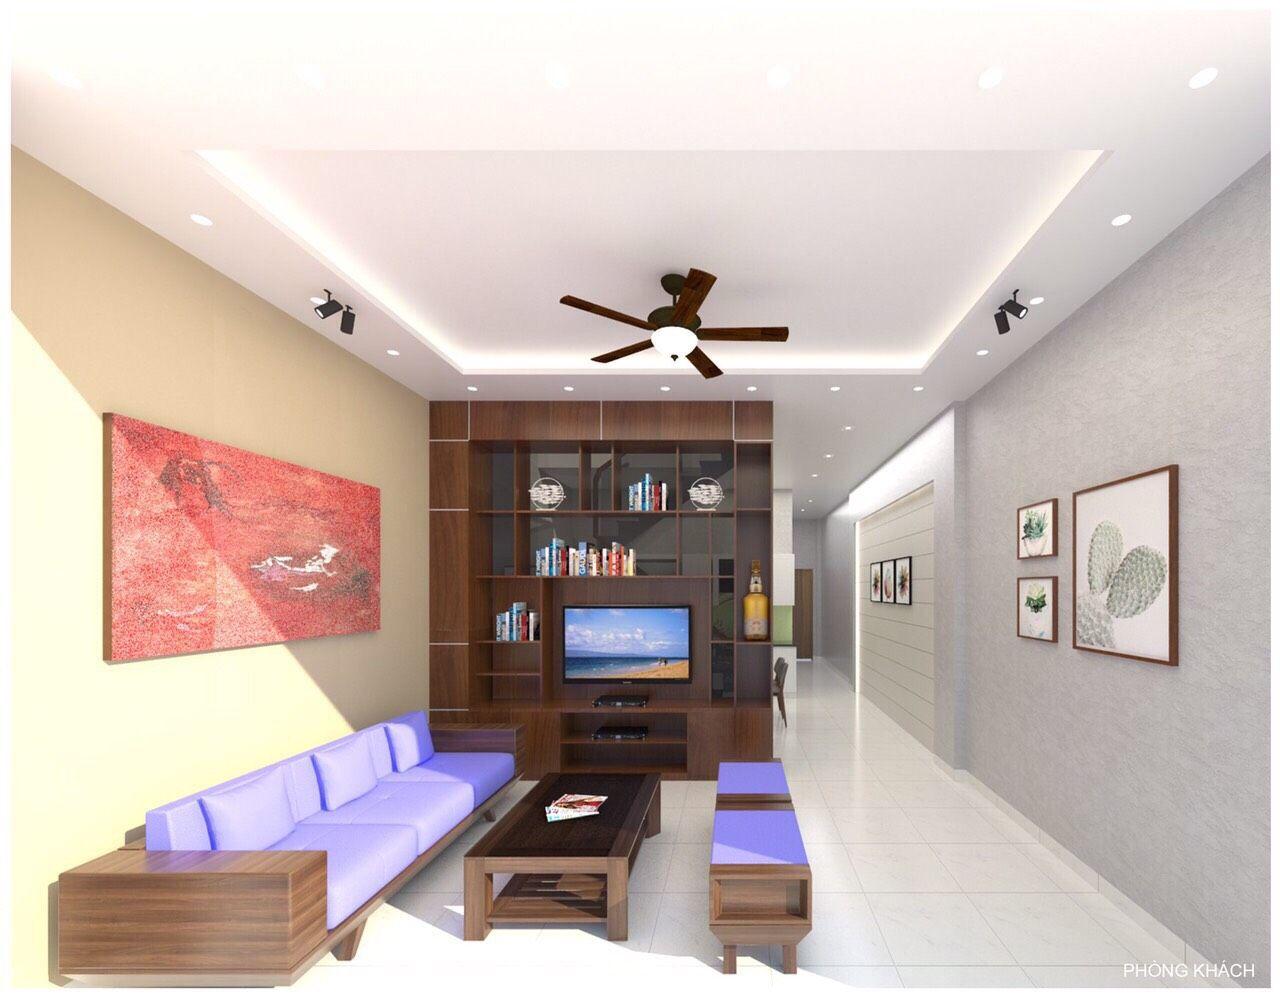 Bán nhà 1 trệt 1 lầu phường Phú Hòa